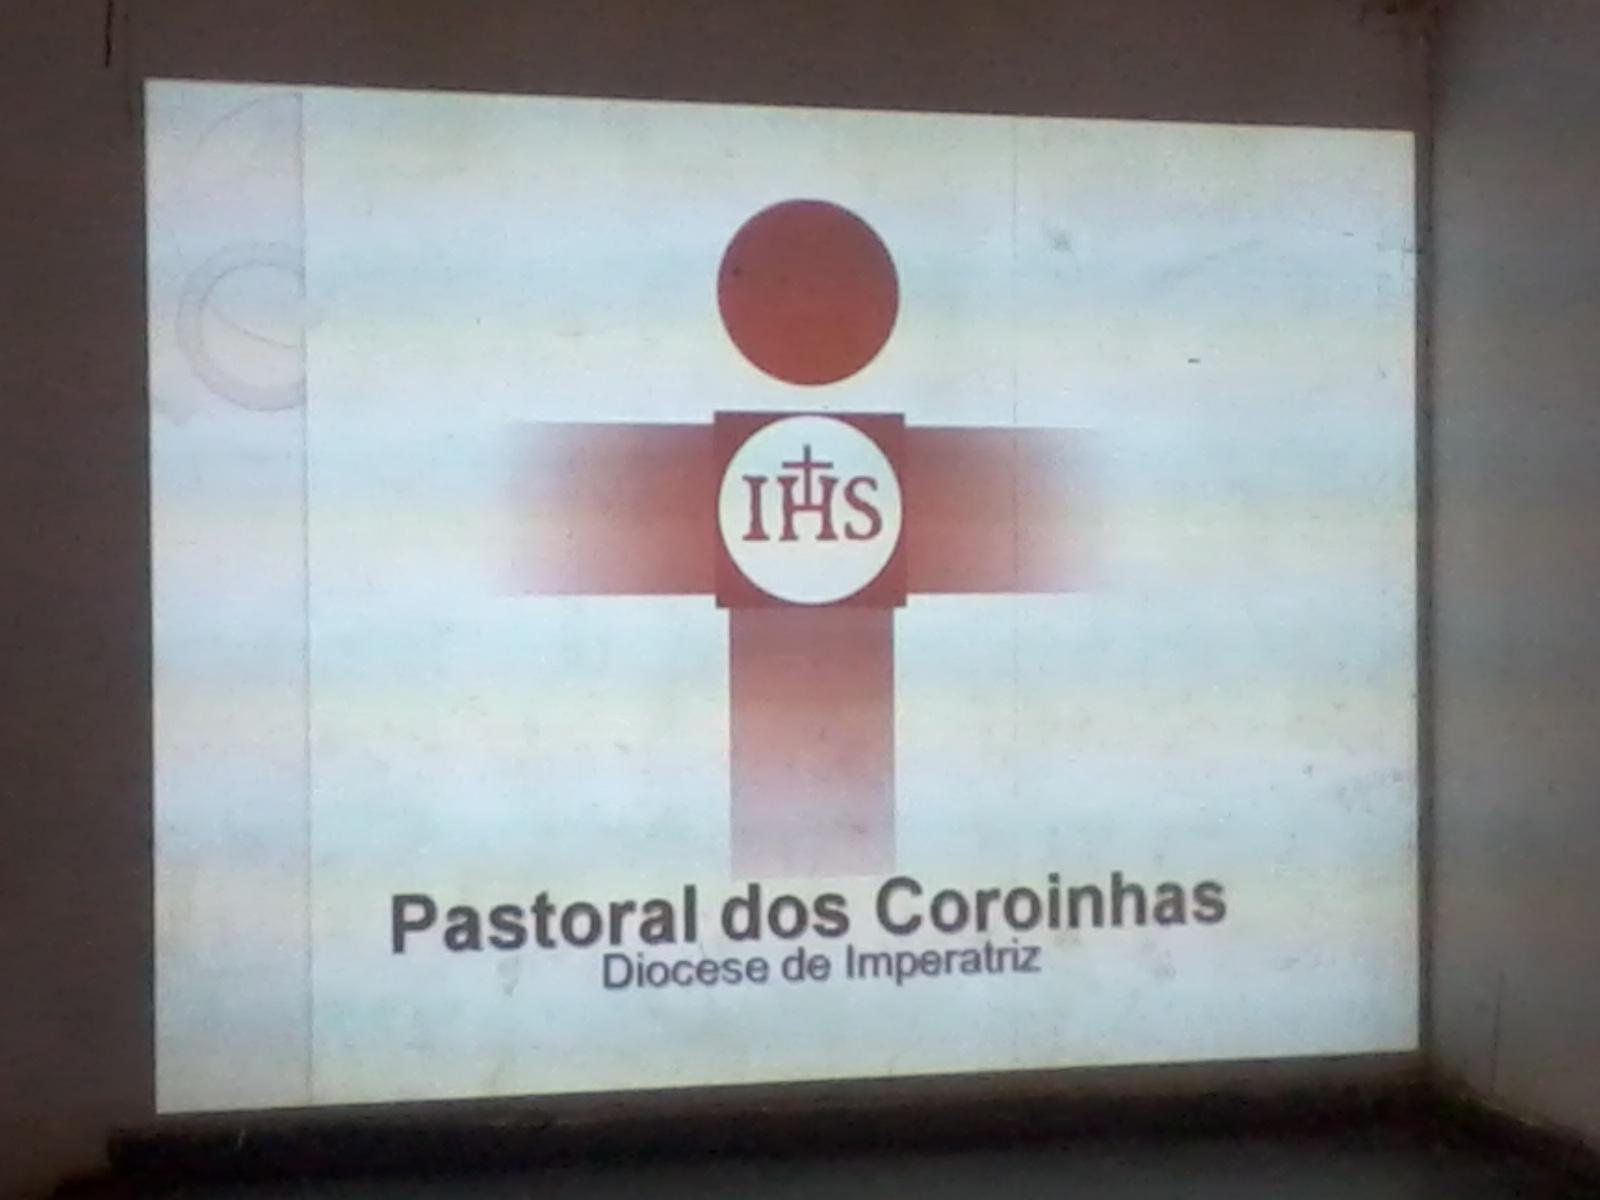 I Formação Dos Coroinhas: Pastoral Dos Coroinhas Diocese De Imperatriz: Curso De